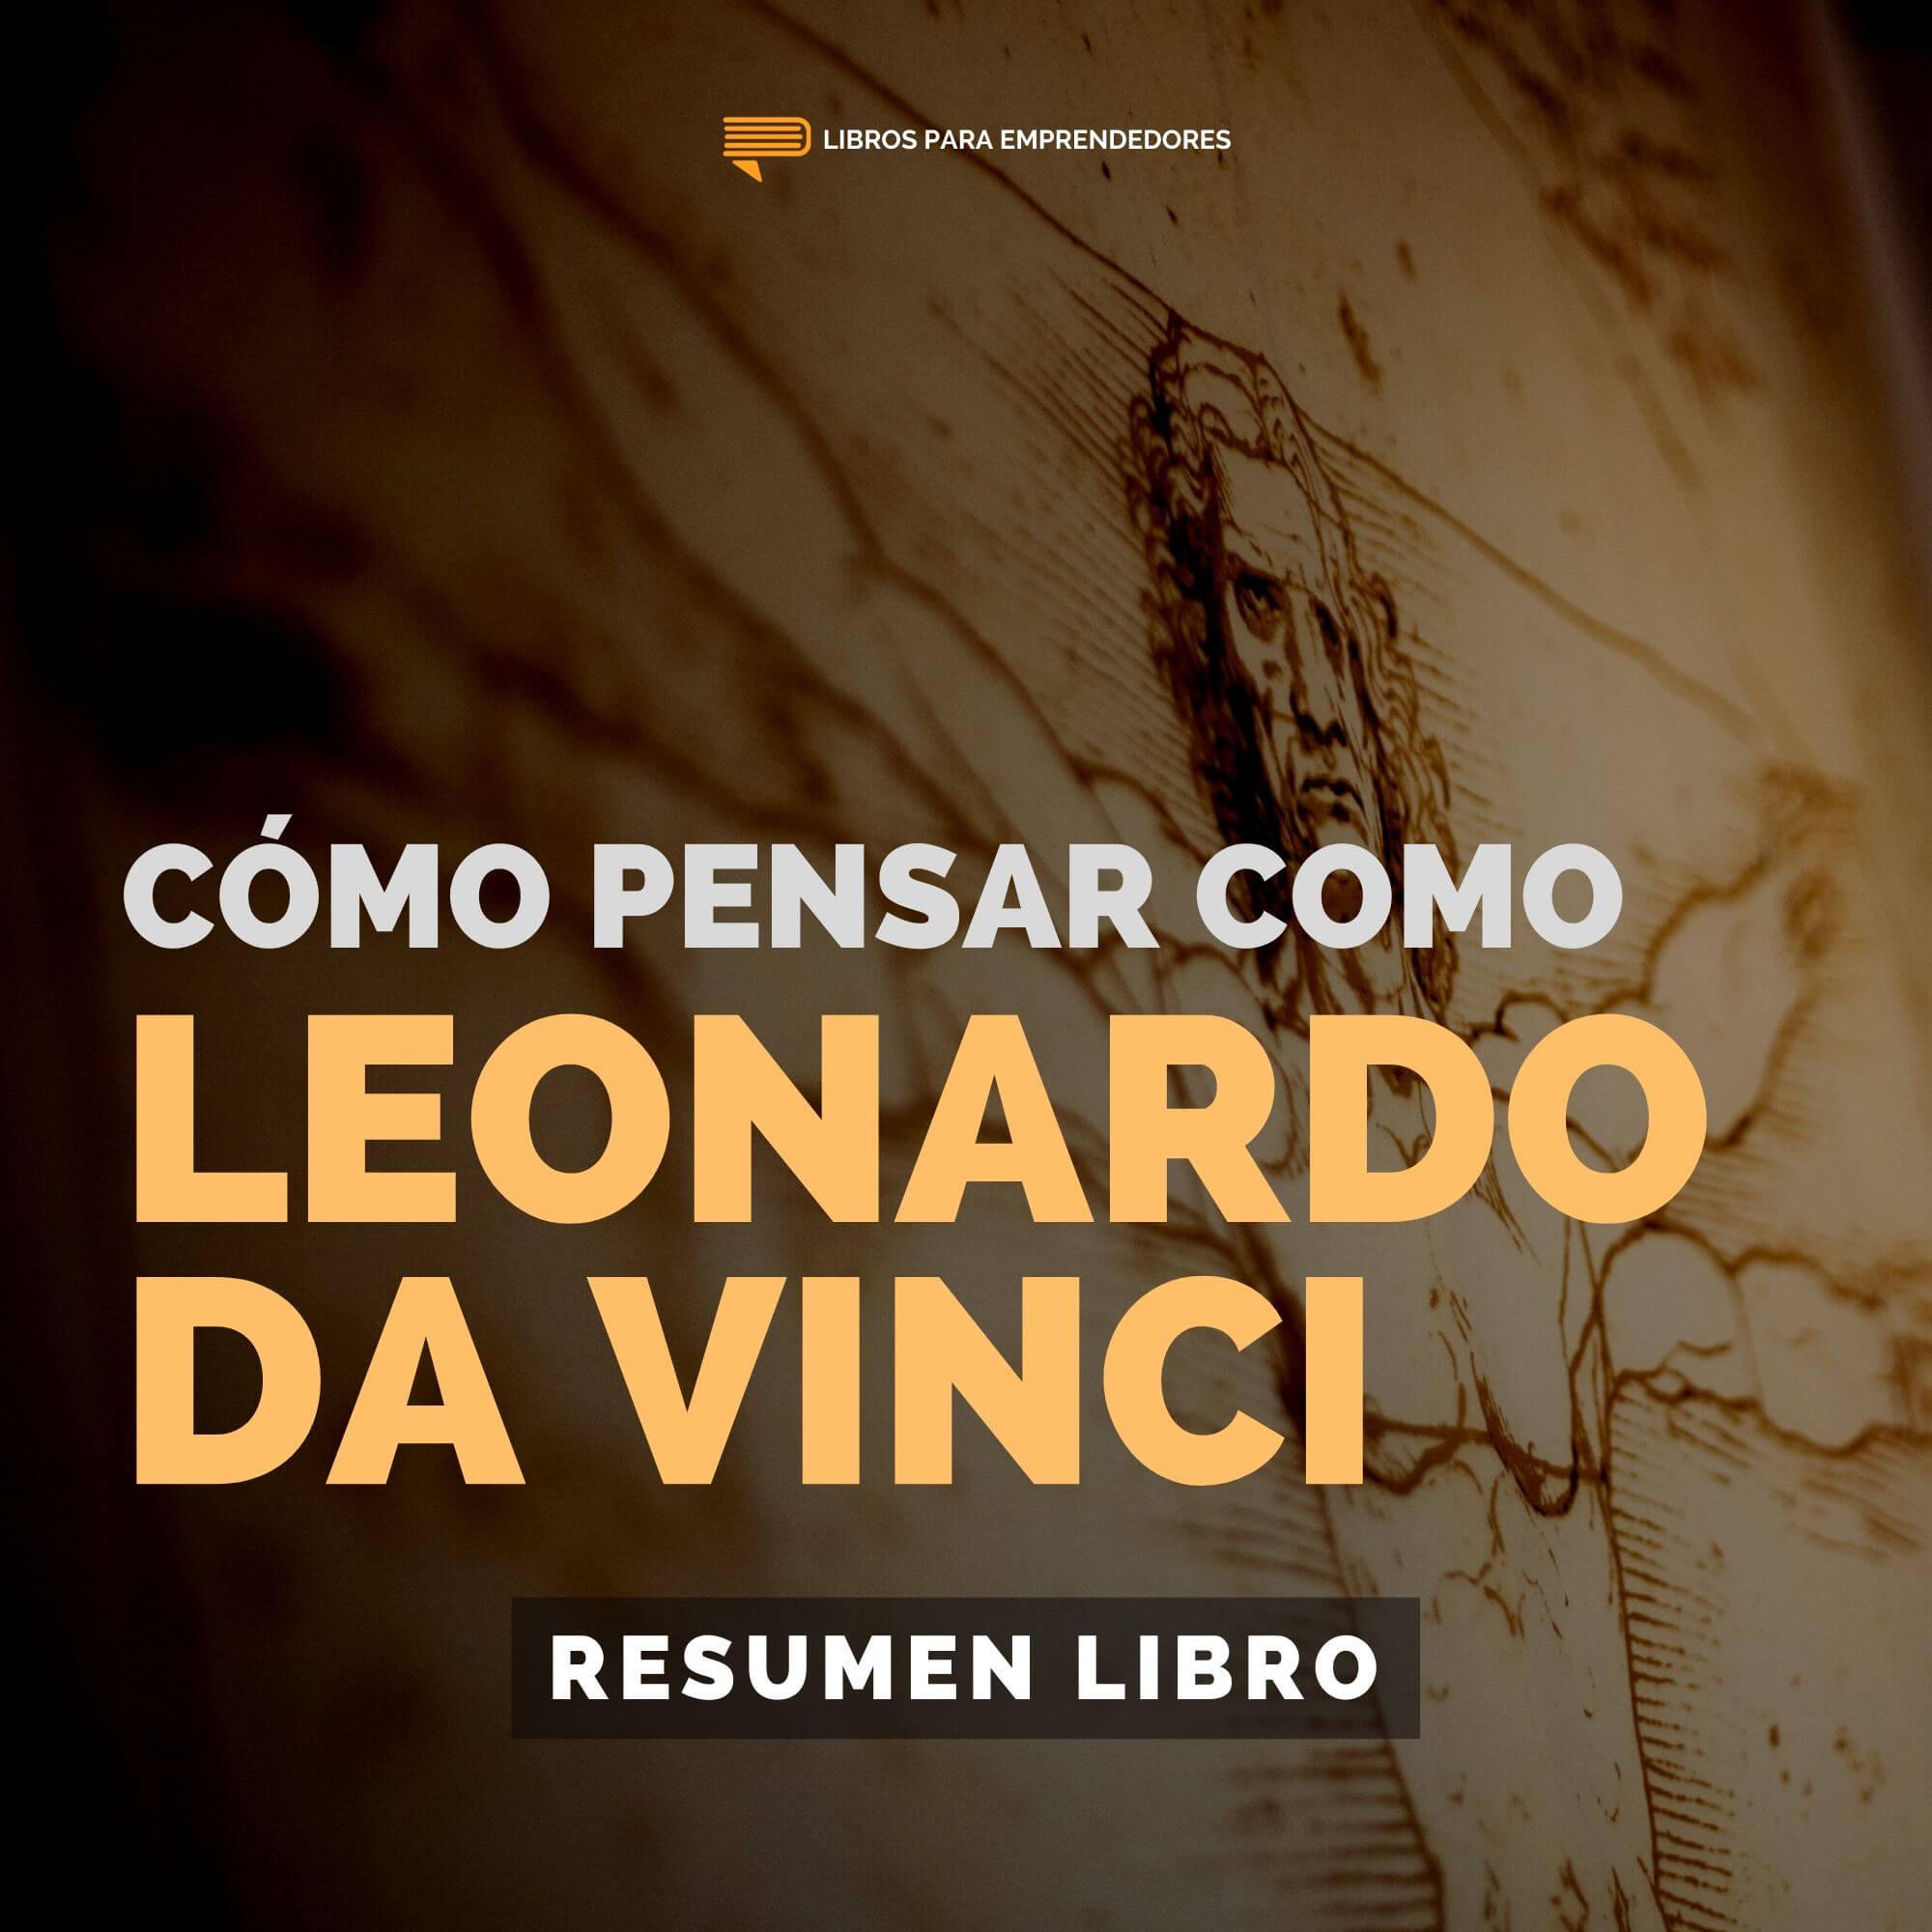 Cómo Pensar Como Leonardo Da Vinci - #128 - Un Resumen de Libros para Emprendedores